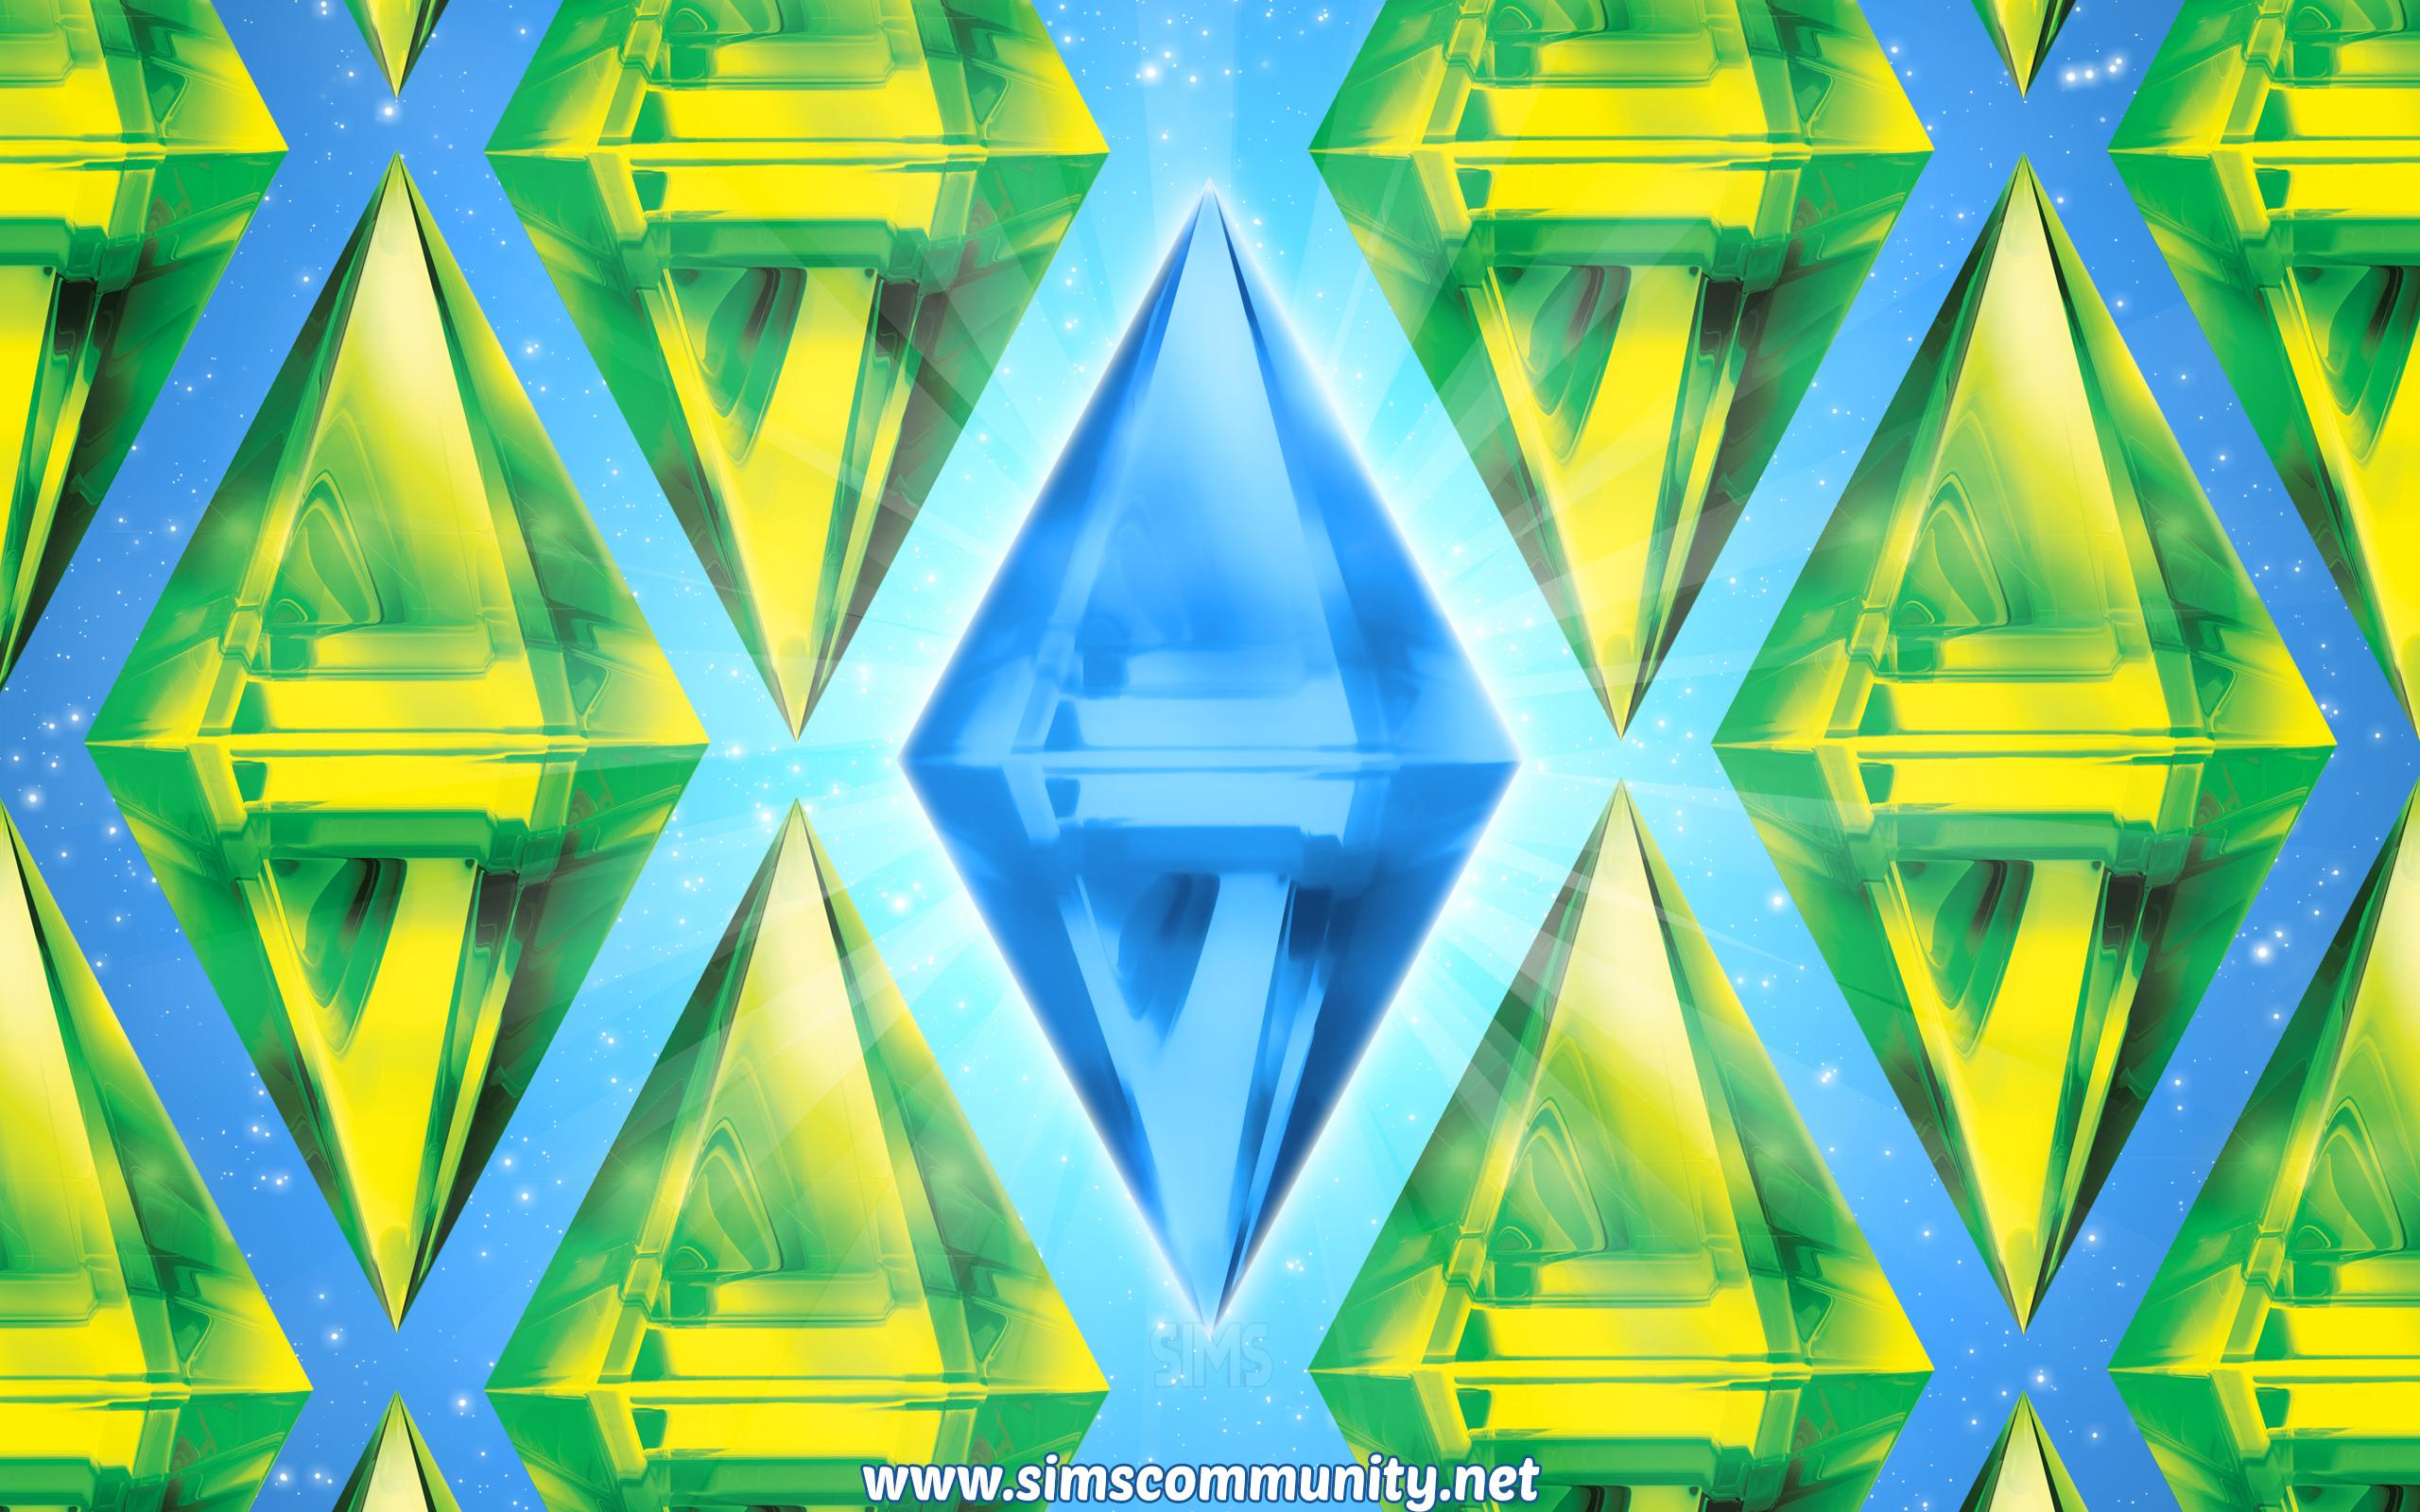 [48+] Sims 4 Wallpaper on WallpaperSafari